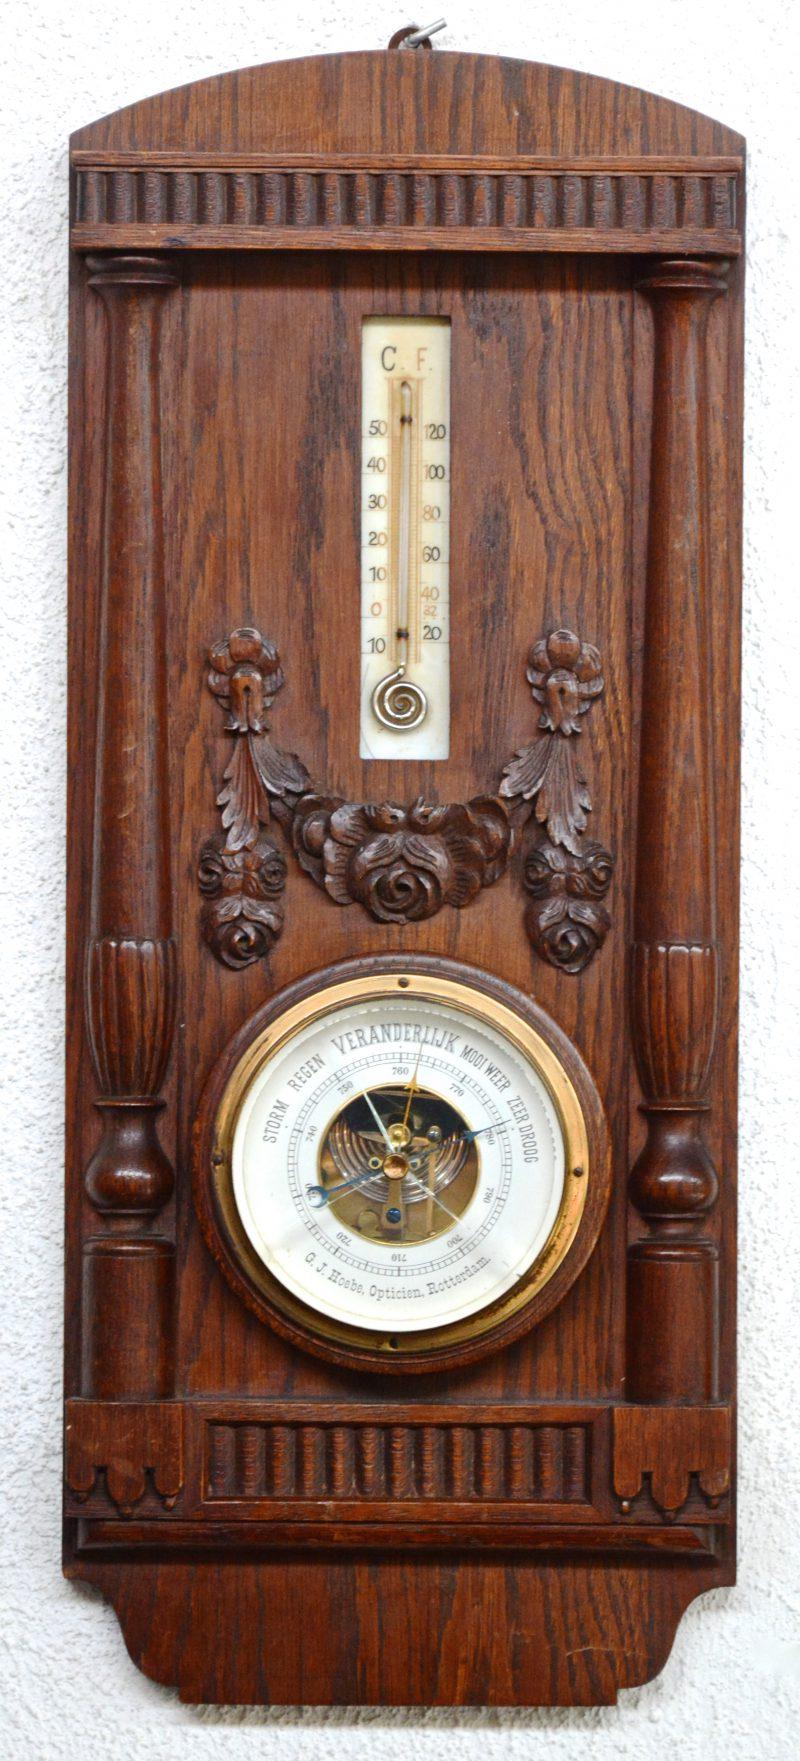 Een eikenhouten barometer-thermometer met gesculpteerde versieringen. Glas gebarsten.